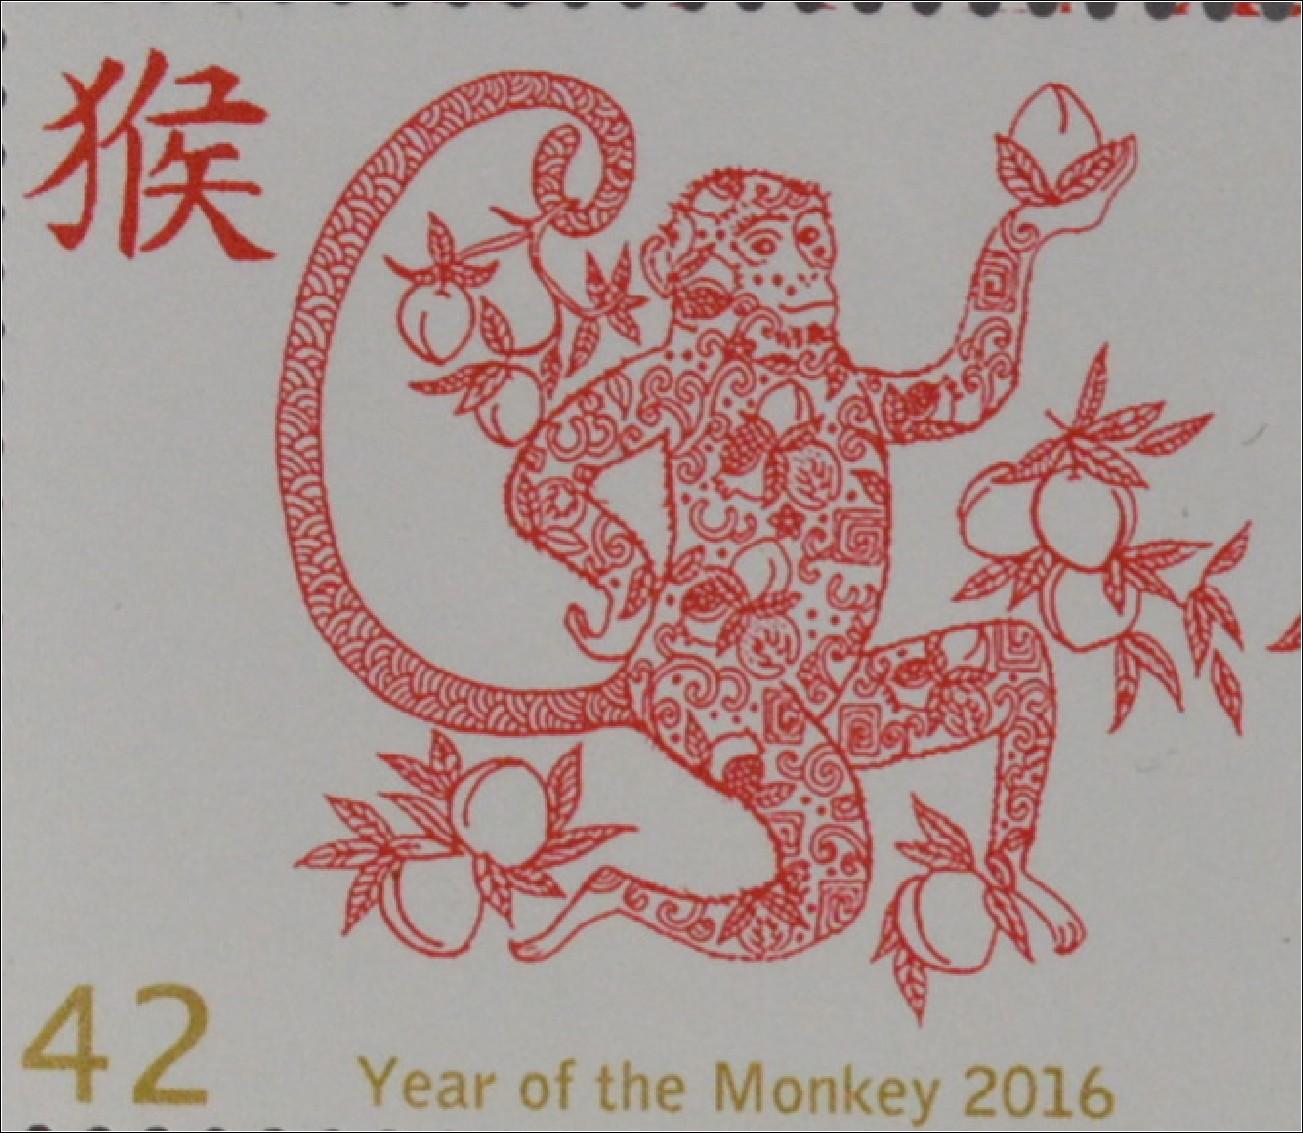 guernsey 2016 nr 1553 58 jahr des affen chinesisches horoskop ebay. Black Bedroom Furniture Sets. Home Design Ideas